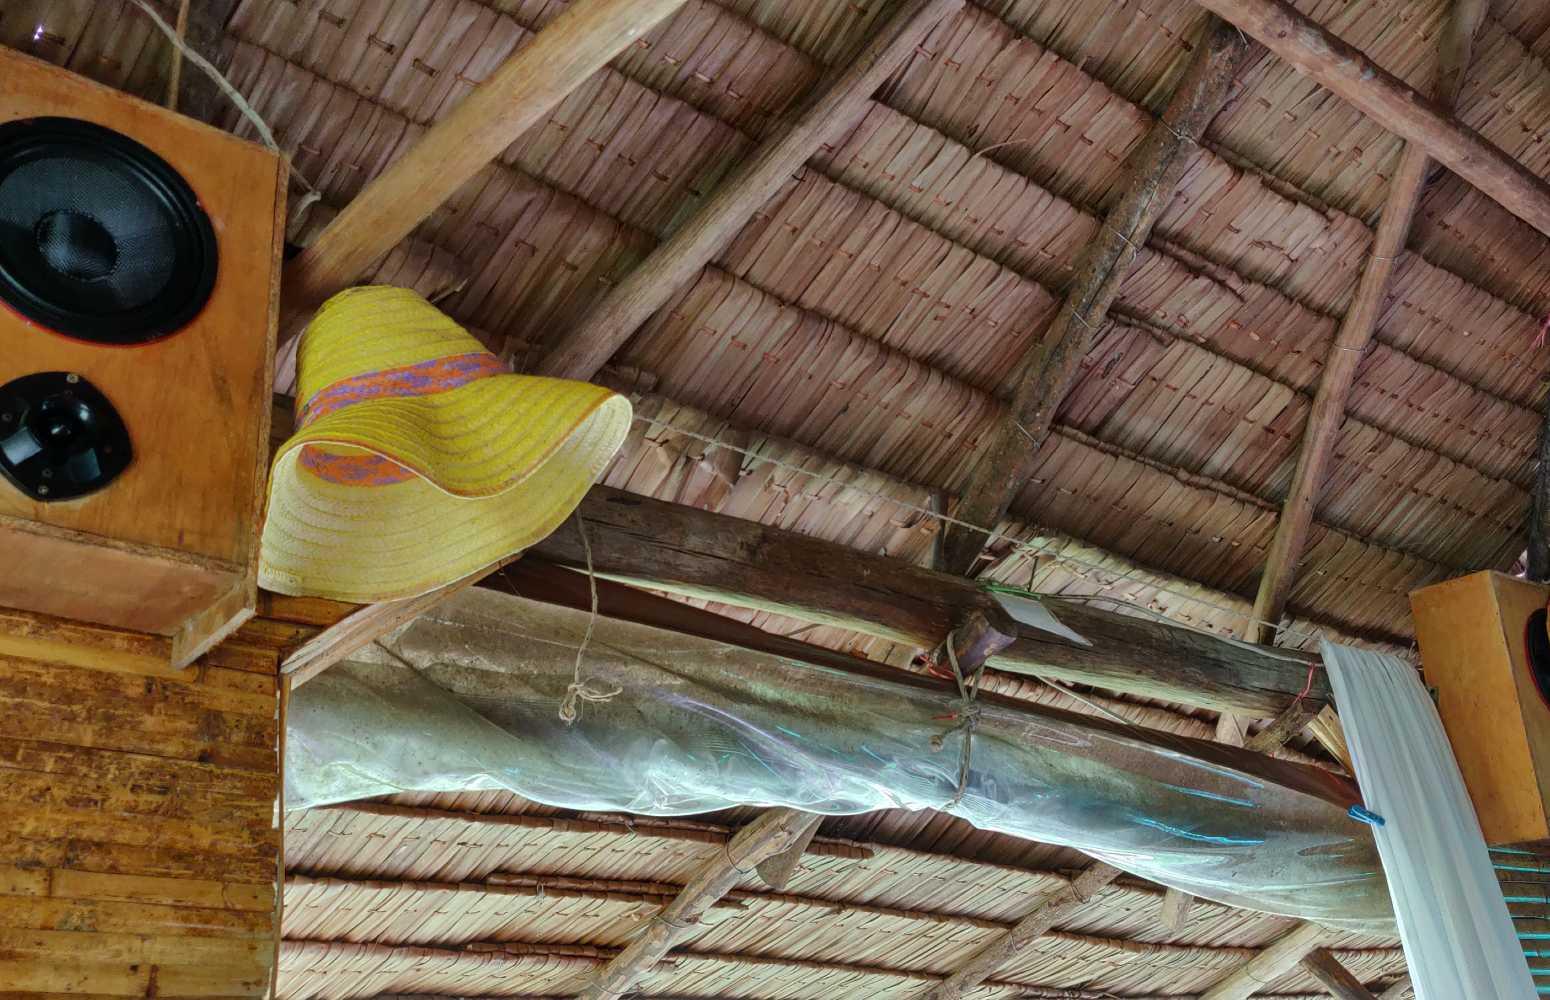 Harde muziek uit de boxen bij Dr Saad Medical Massage in Koh Yao Yai, Thailand